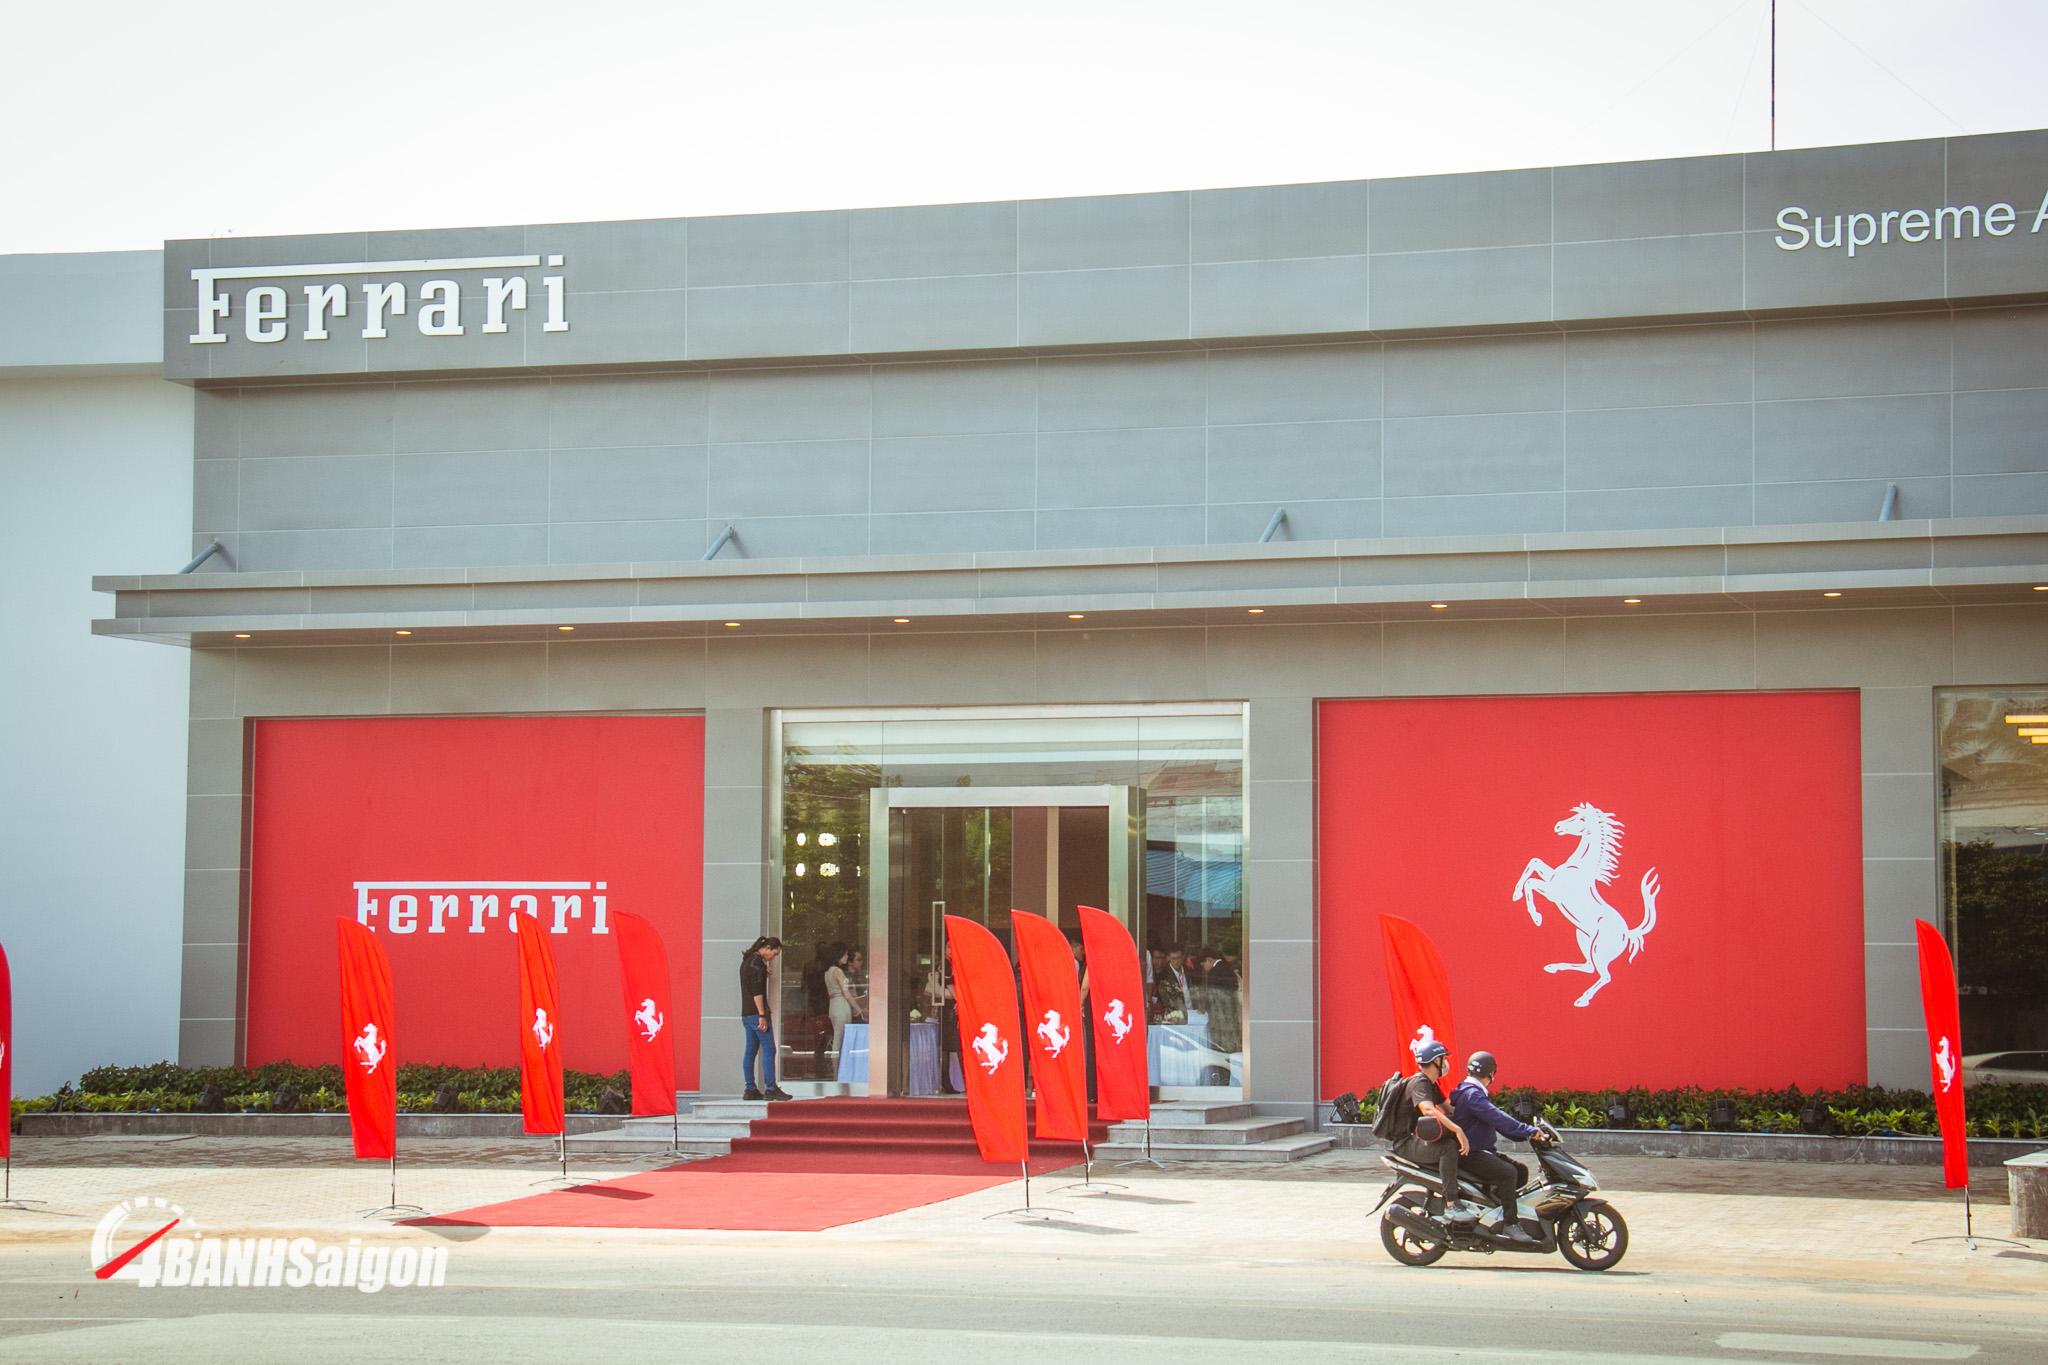 Showroom Ferrari Vietnam tọa lạc tại Khu chế xuất Tân Thuận, Quận 7 TPHCM